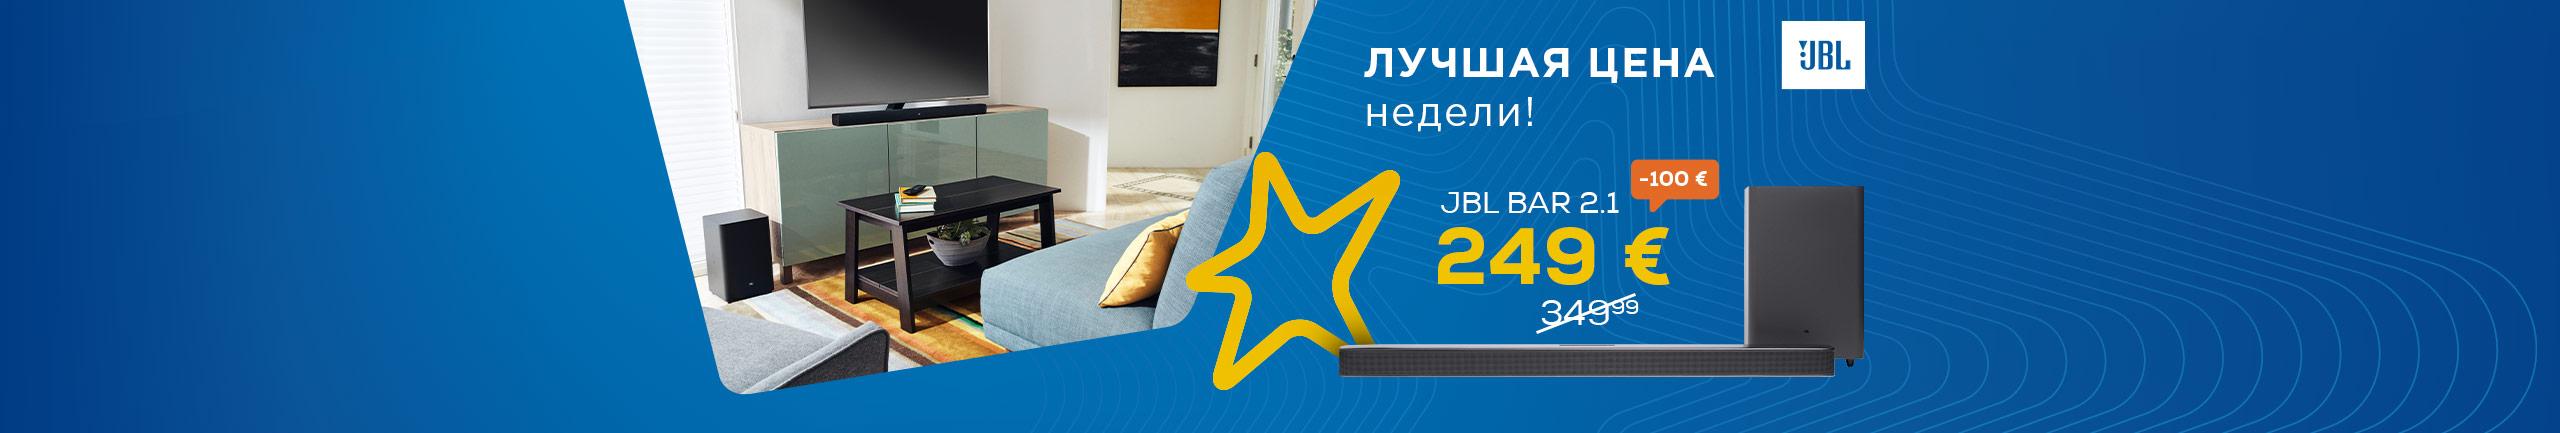 FPS Лучшая цена недели! Саундбар JBL Bar 2.1